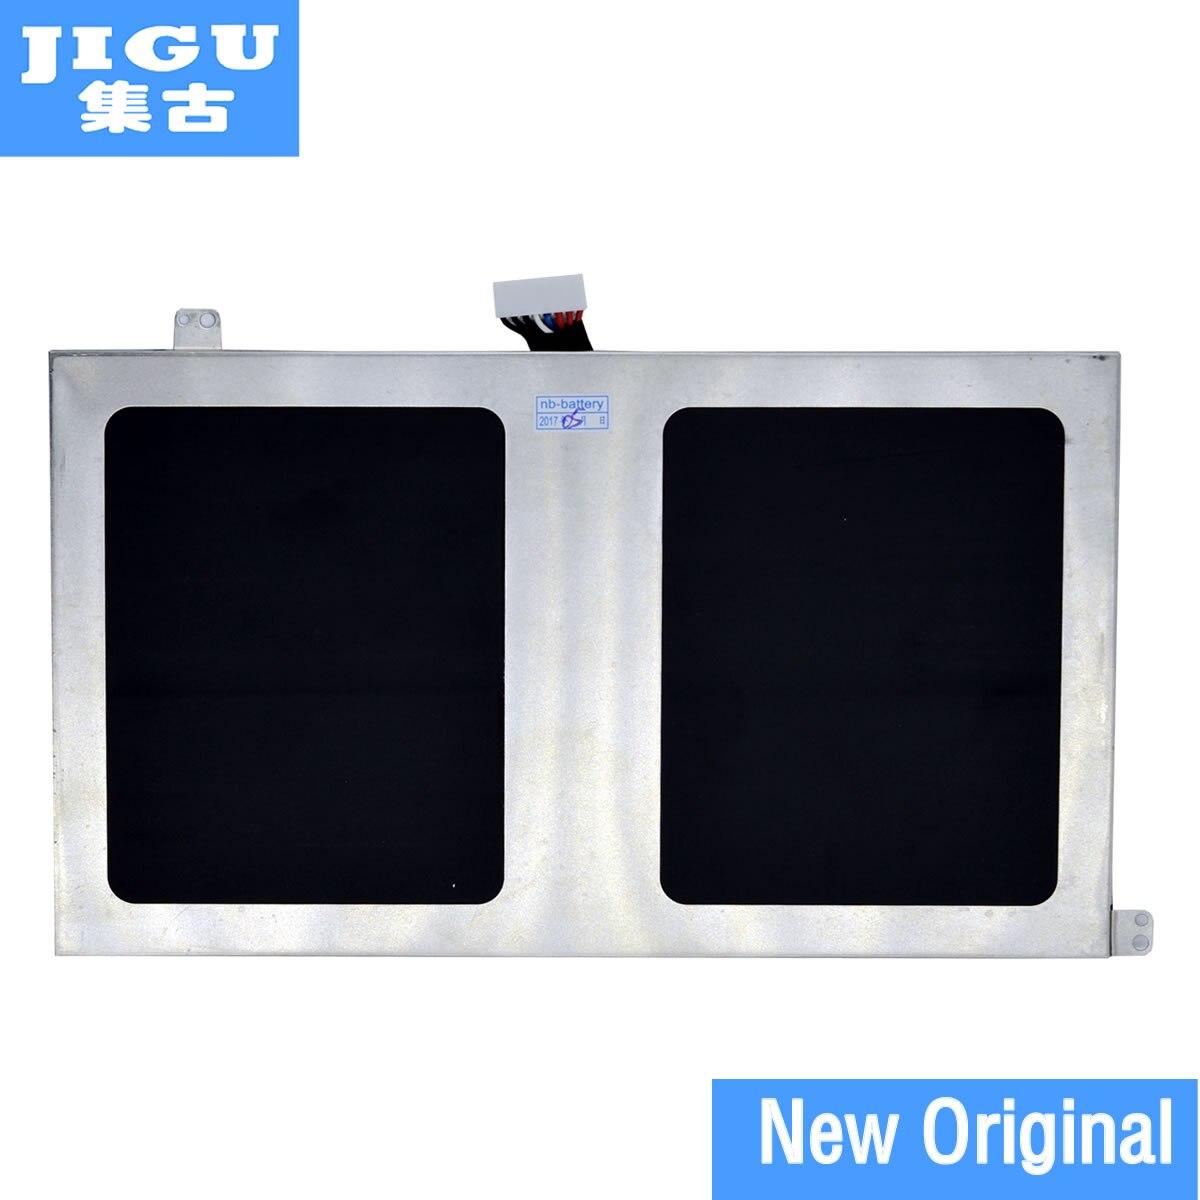 JIGU FMVNBP230 FPB0304 FPCBP410 Original laptop Battery For FUJITSU for LIFEBOOK U554 U574 UH554 UH574 14.8V 48WH 3300MAH 10 8v 5800mah original new fpcbp179 battery for fujitsu lifebook s6420 s6421 s6410 s6520 s6510 s7210 s7220 fmvnbp160 fpcbp179ap